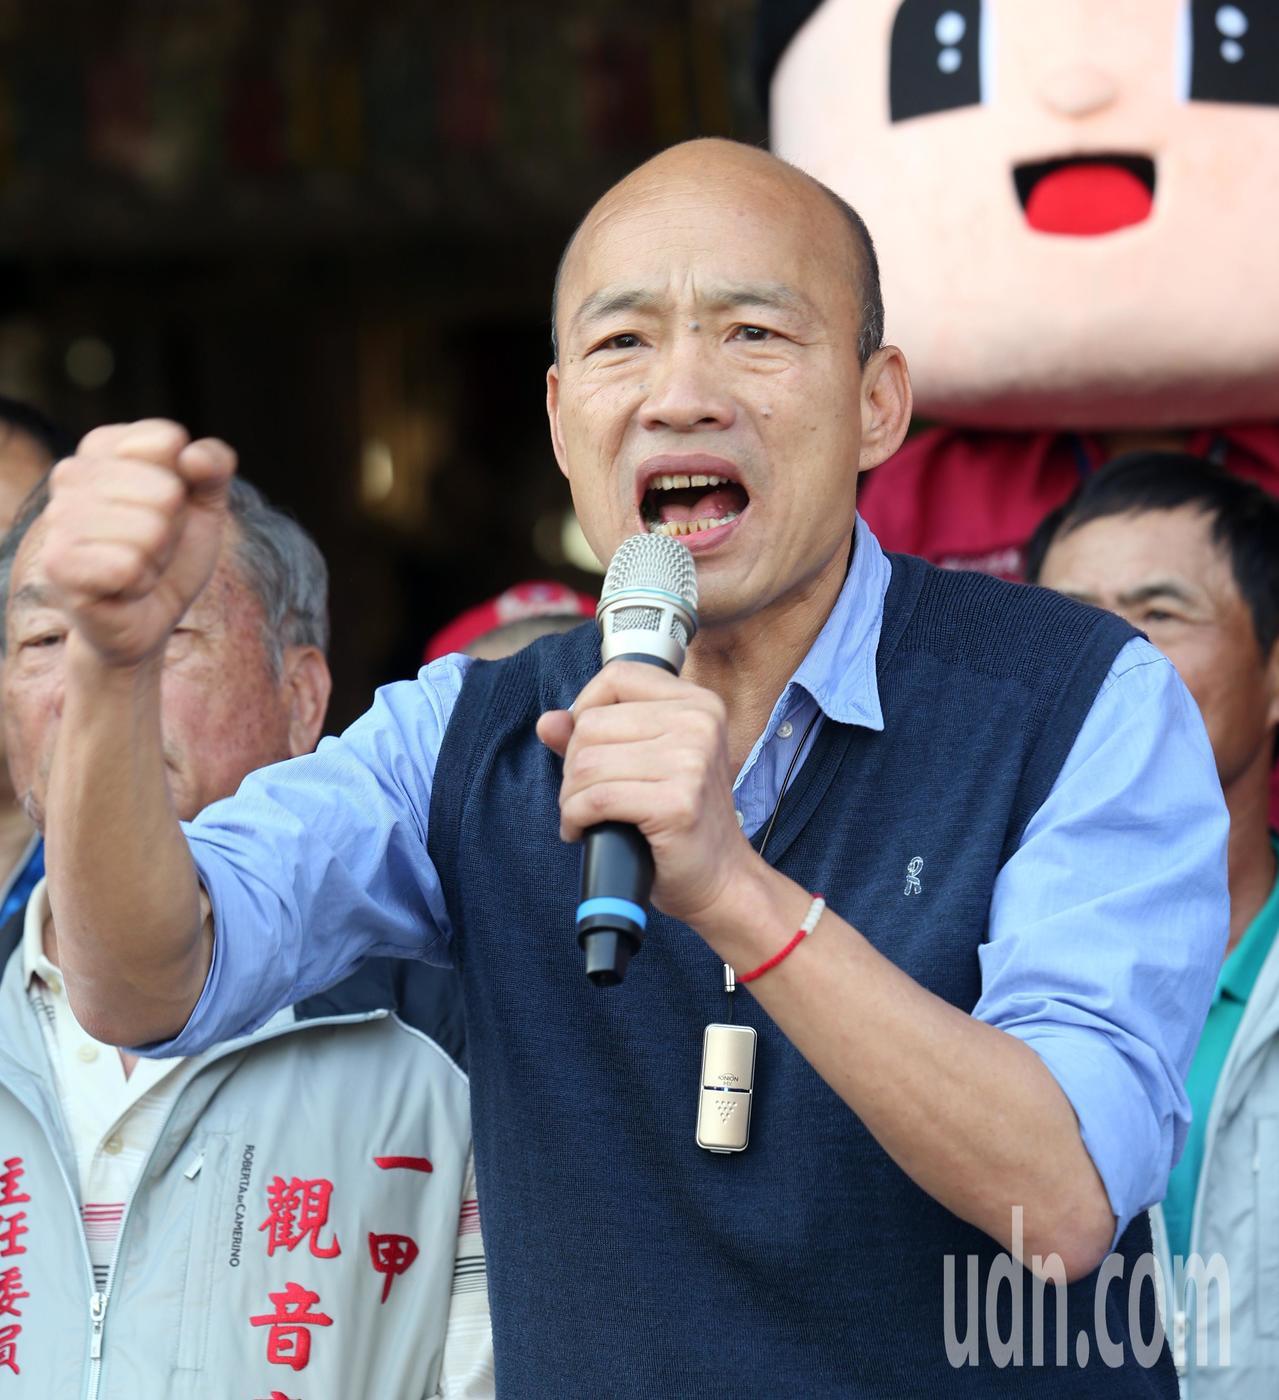 對於國民黨可能在7月間徵召參選的傳聞,高雄市長韓國瑜今天強調「絕無此事」、「道聽...